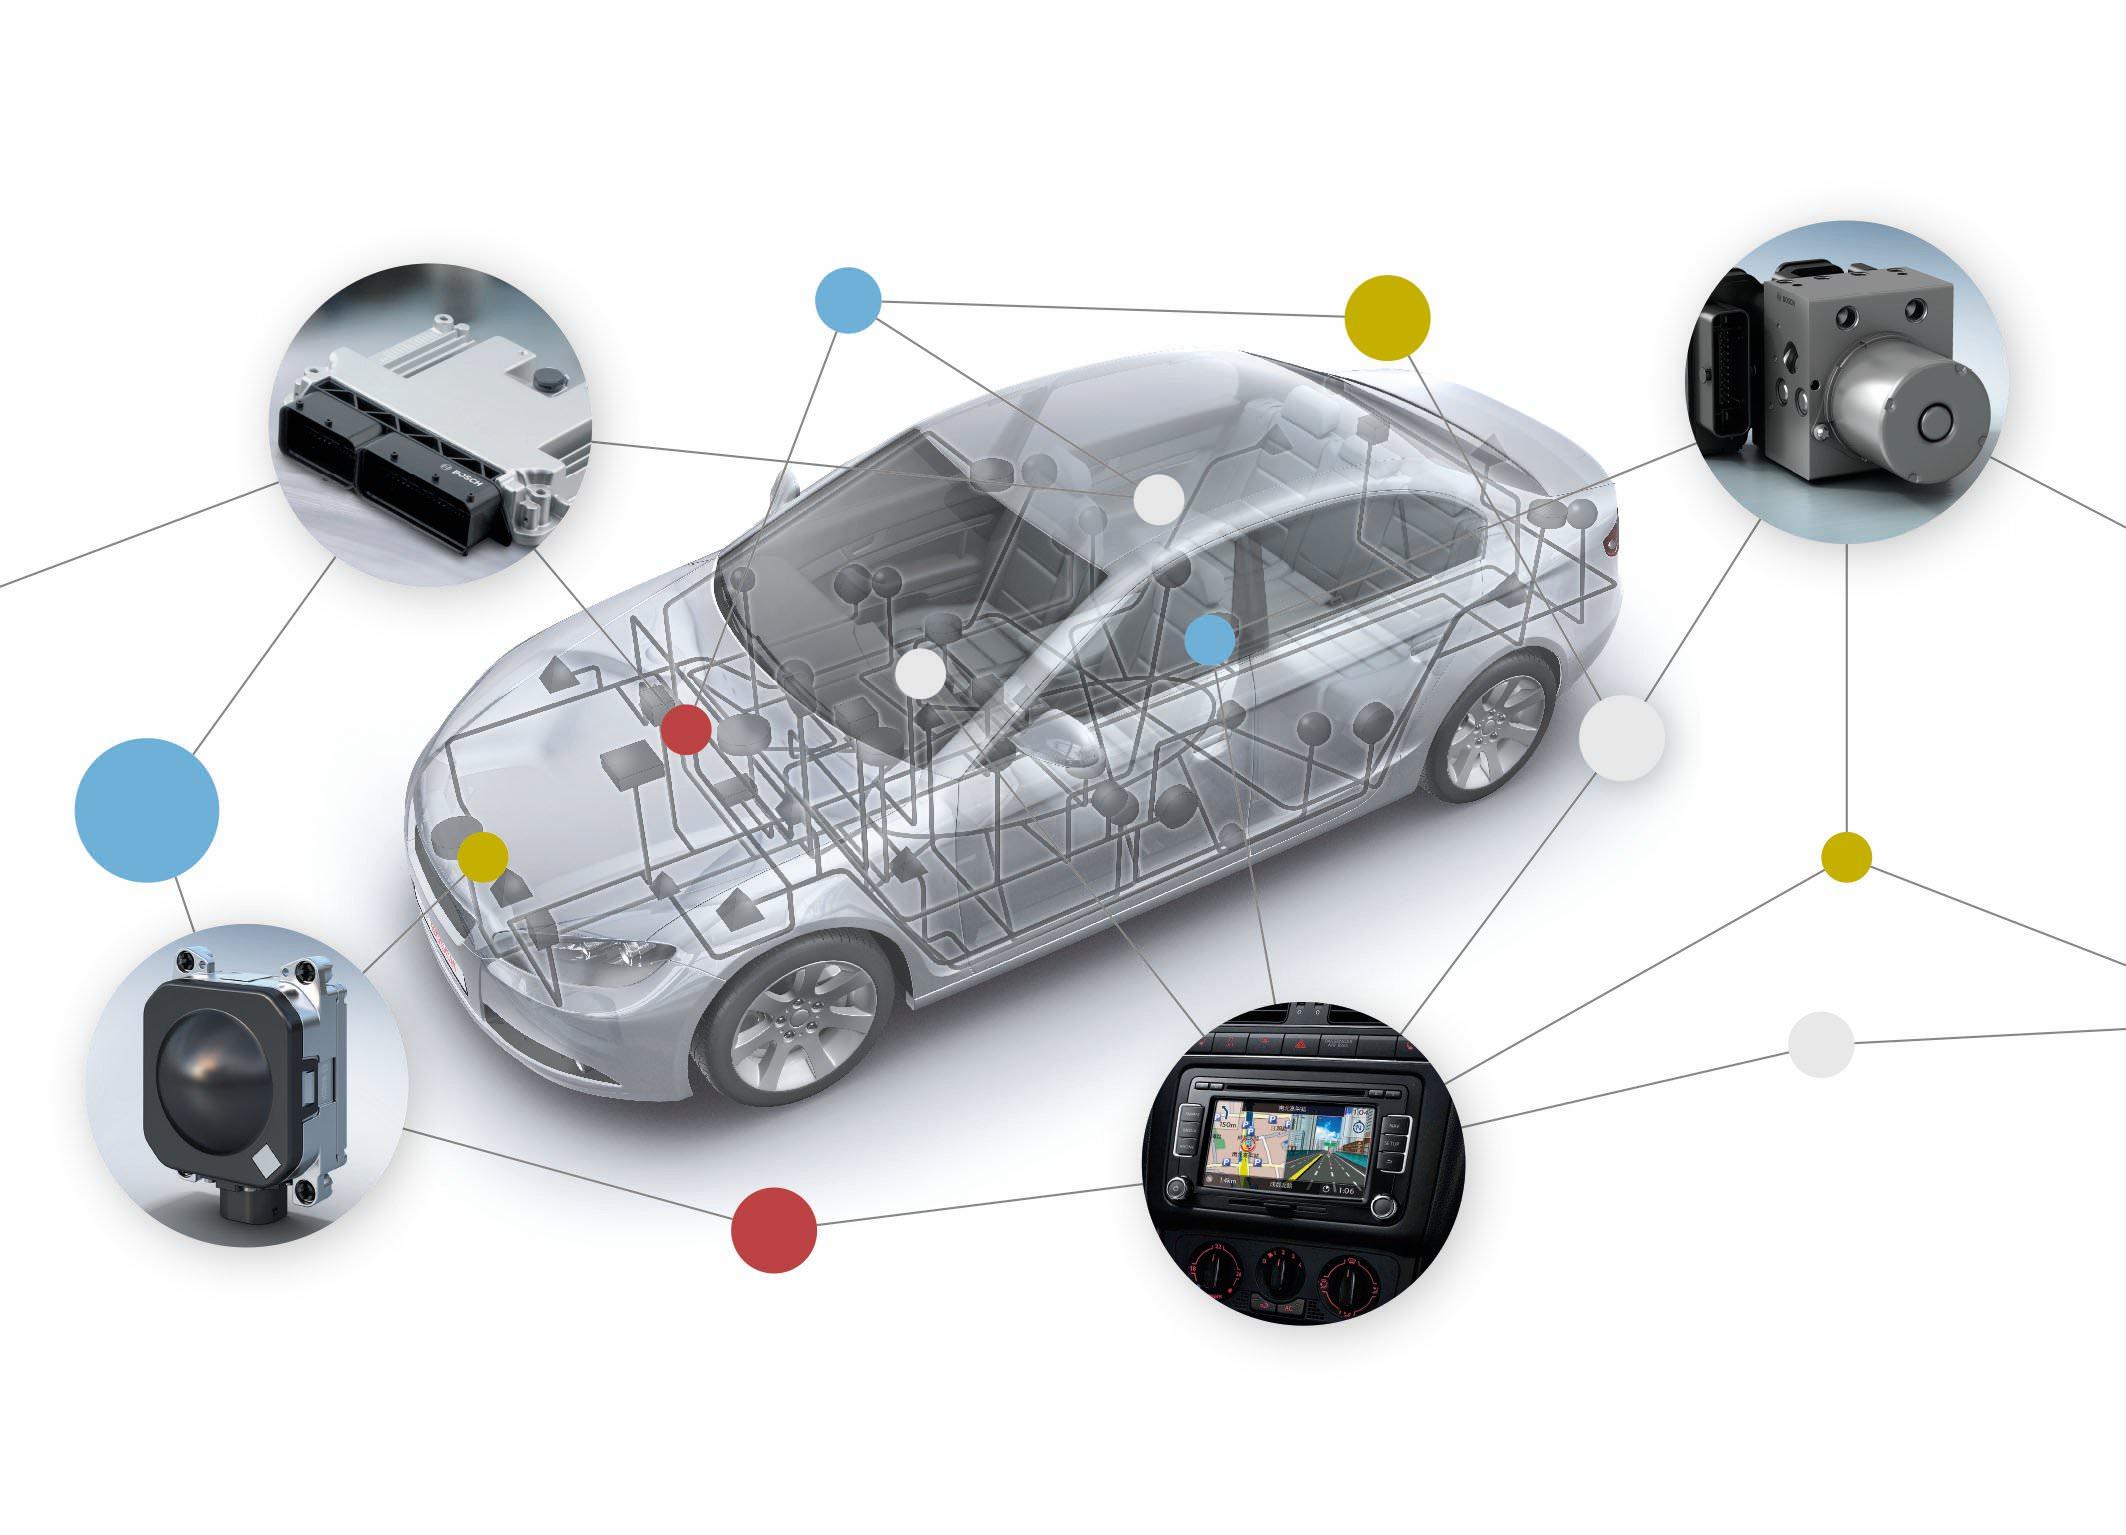 2013, anul inovaţiilor Bosch în domeniul mobilităţii electrice, conducerii autonome, a conectivităţii